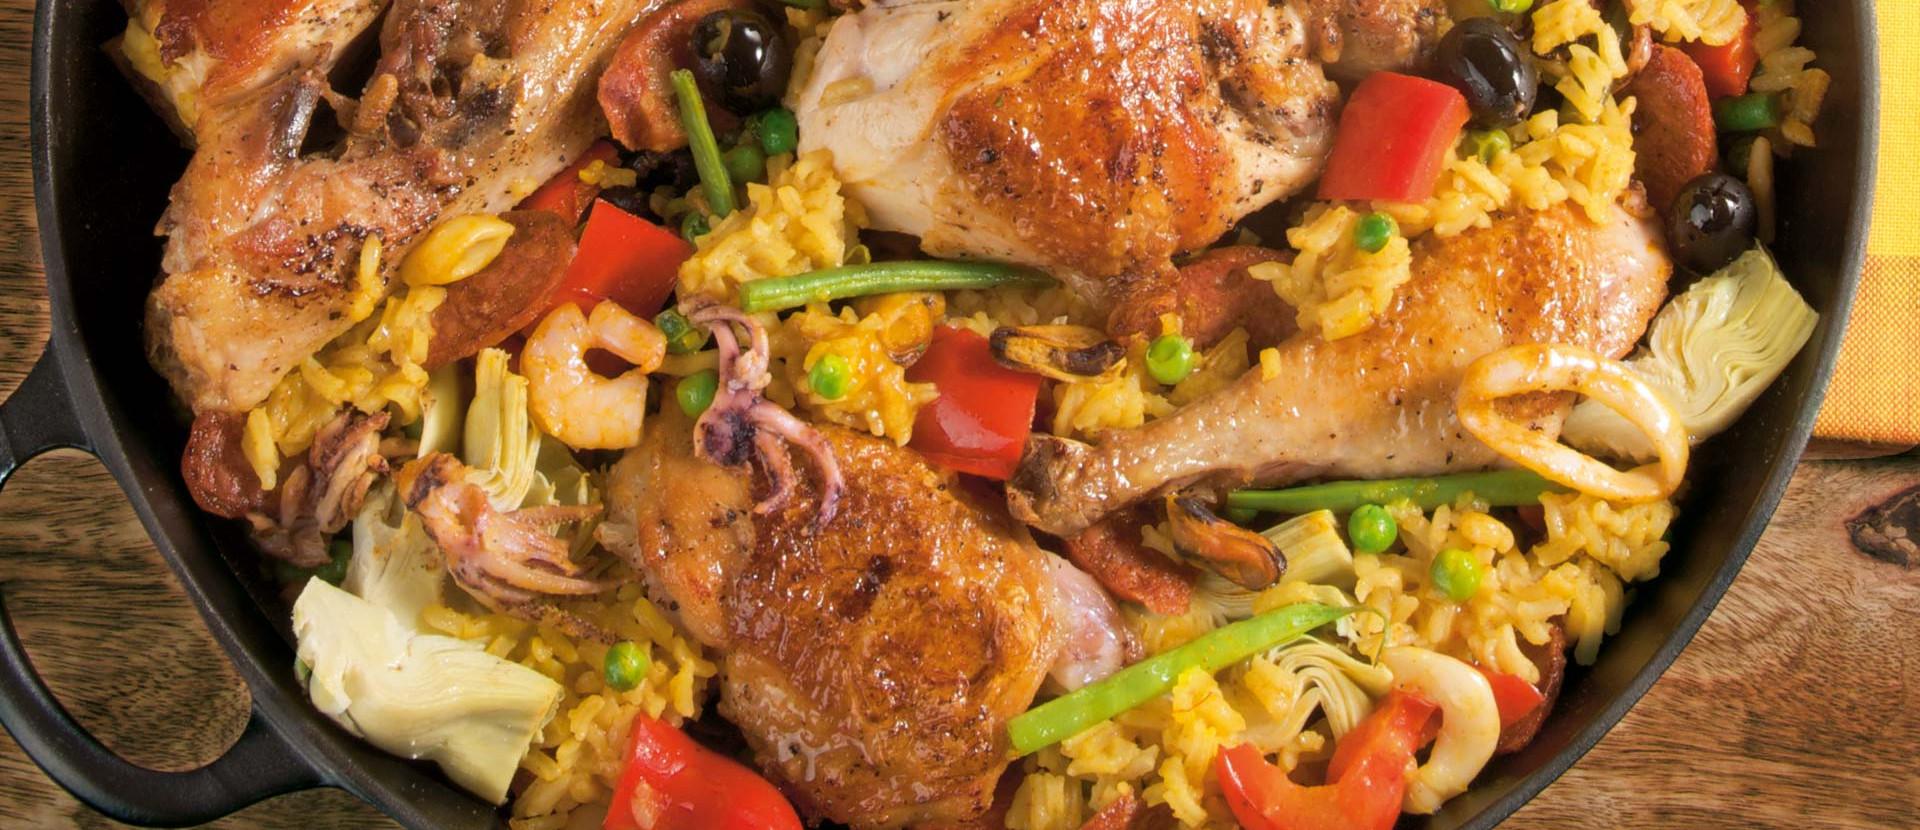 Paella mixta mit Paprika und gruenen Bohnen